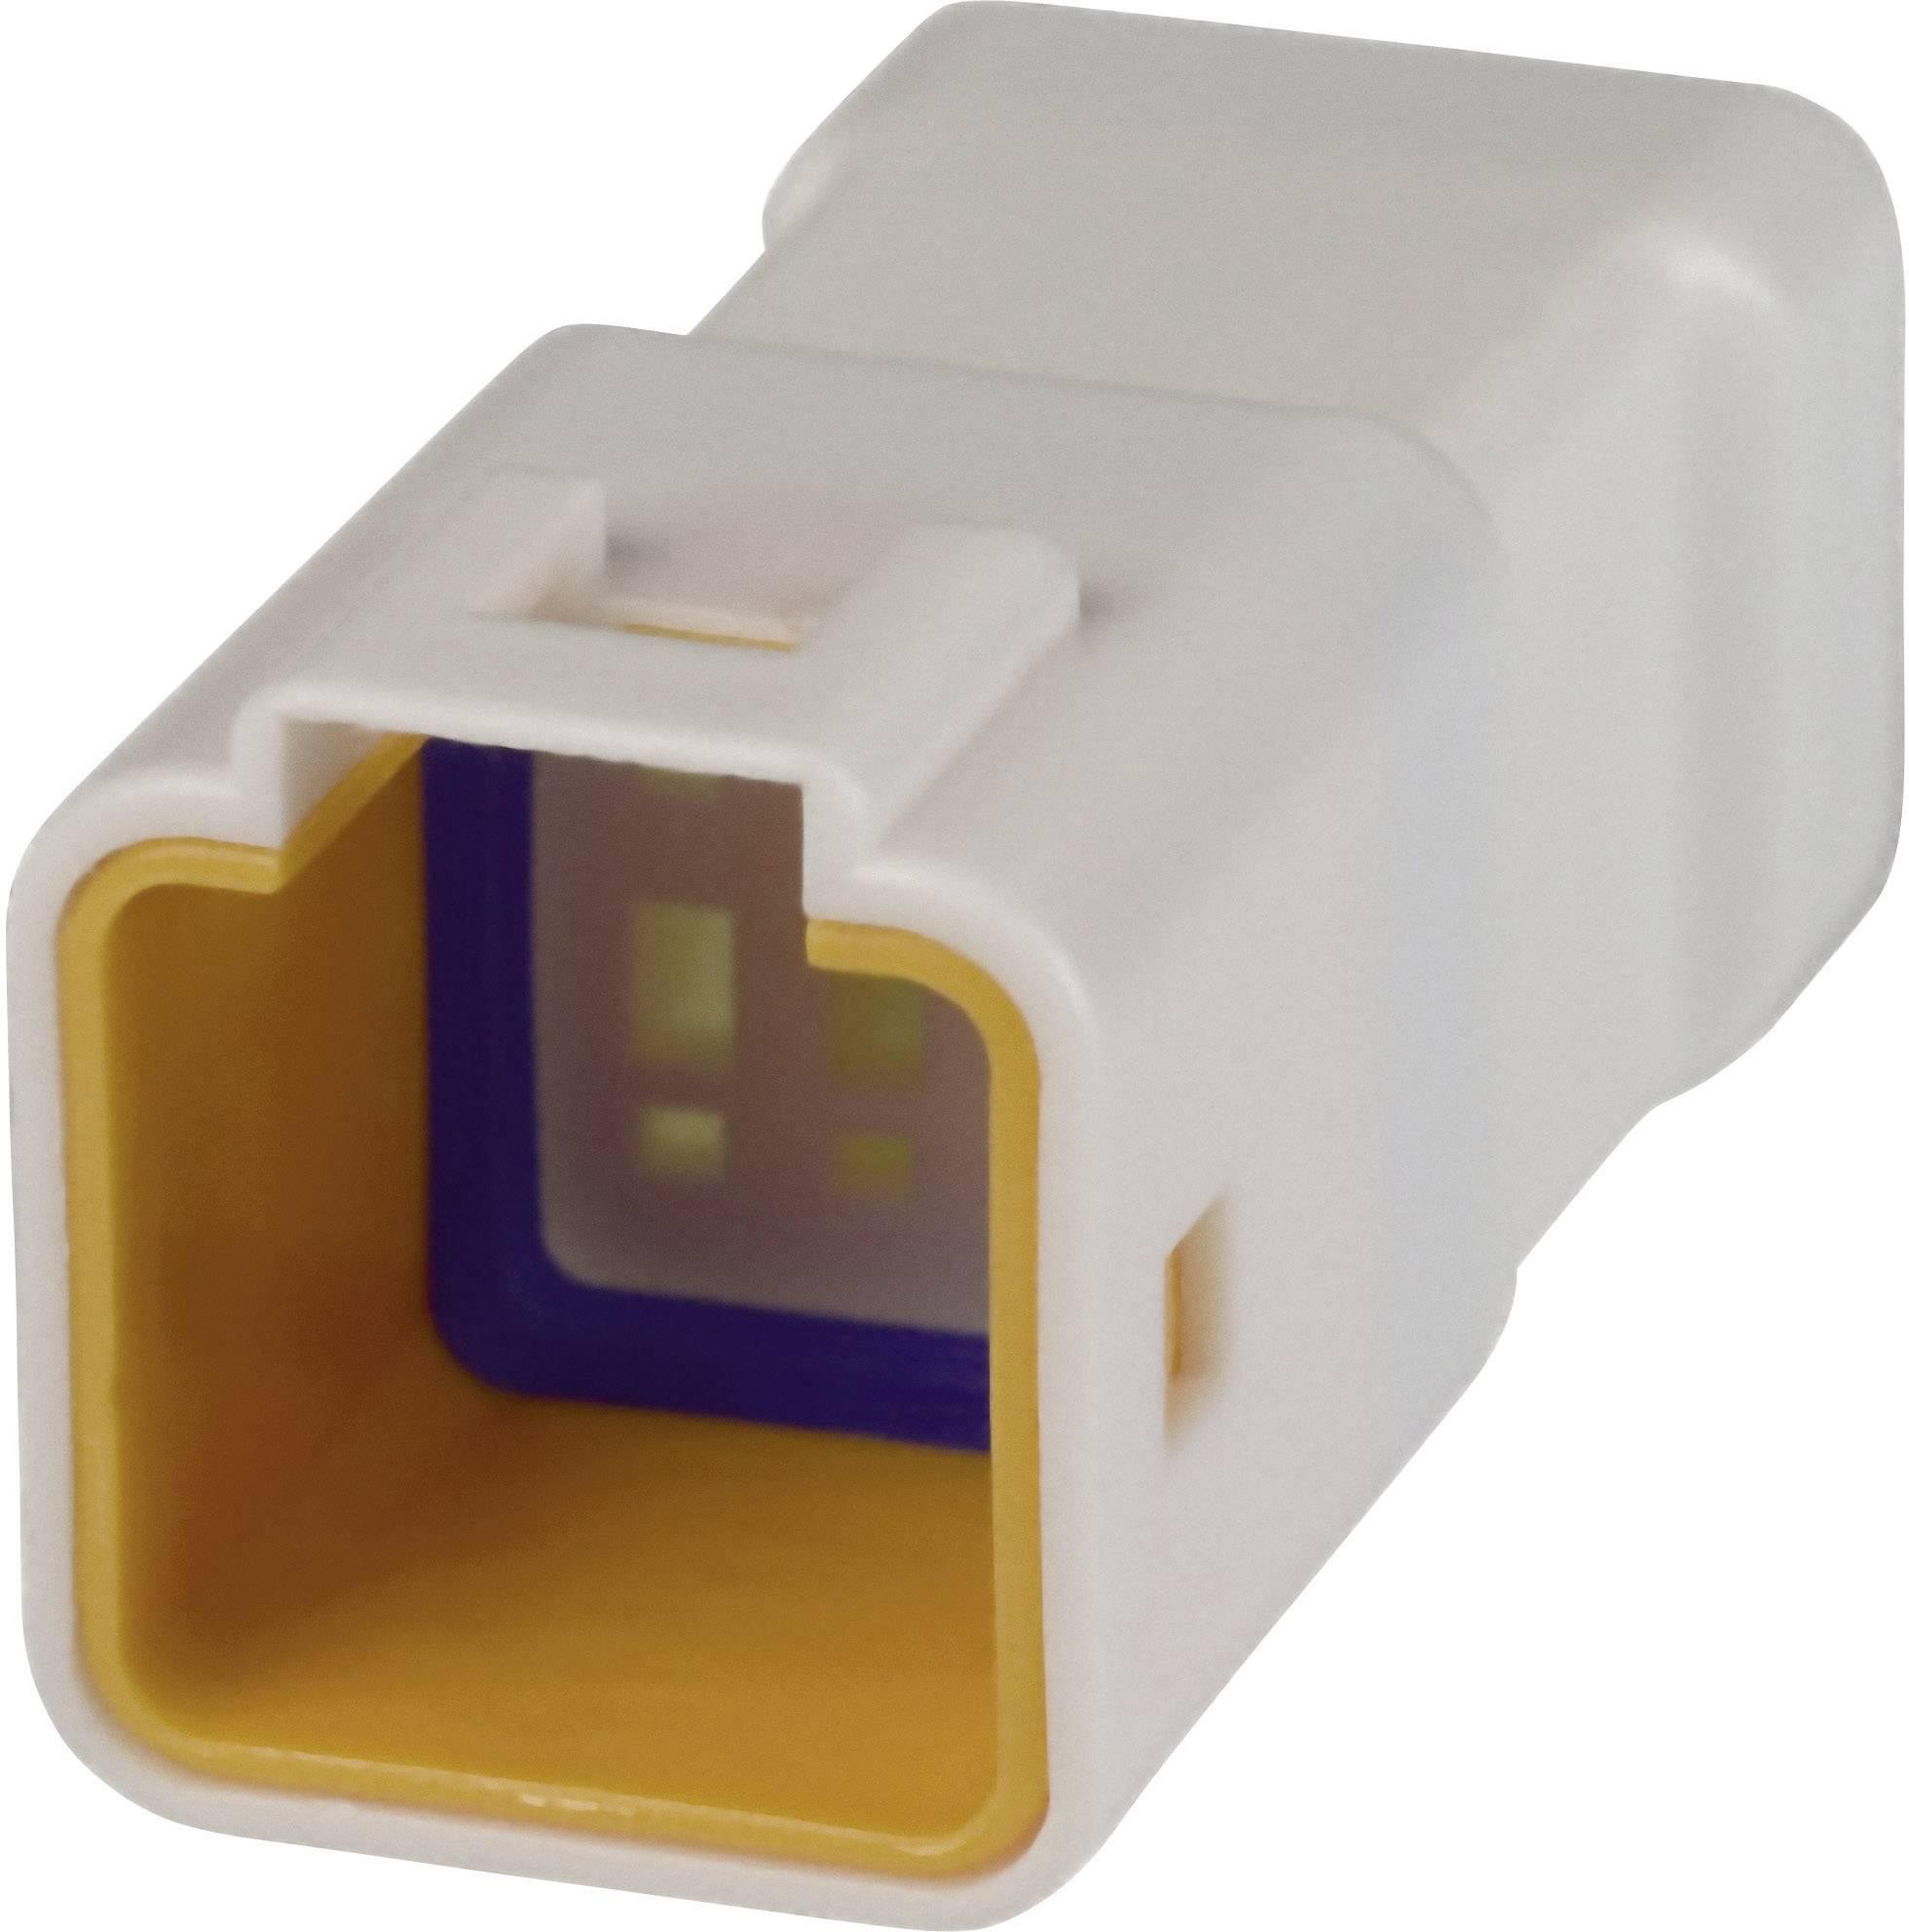 Zásuvkový konektor na kabel JST 08T-JWPF-VSLE-D 08T-JWPF-VSLE-D, 11 mm, pólů 8, 1 ks